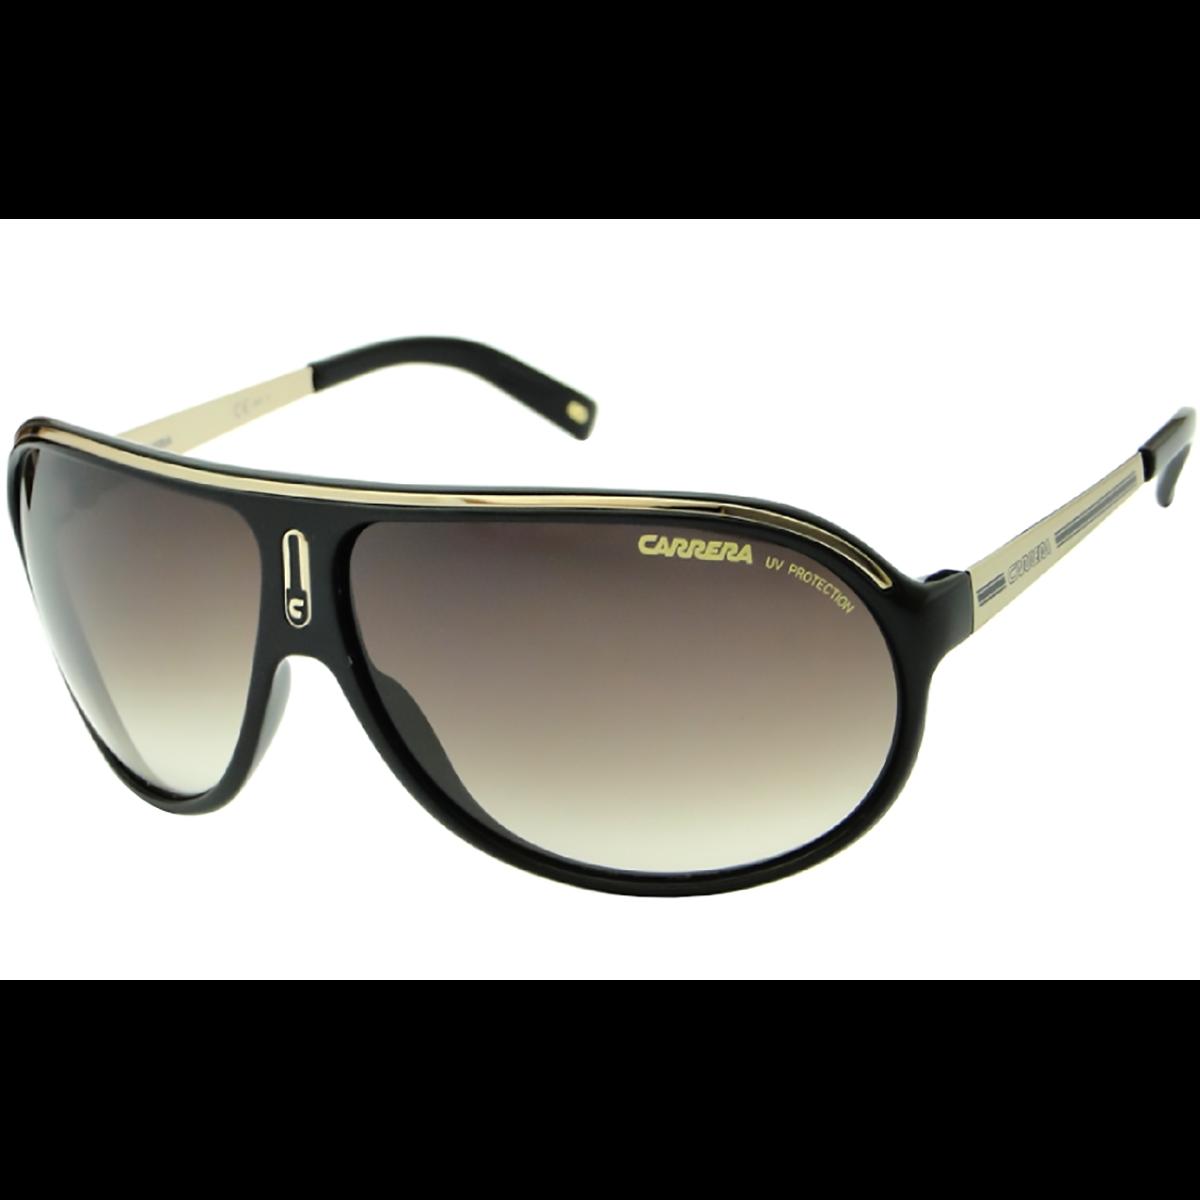 Óculos de Sol Carrera Rush   Tri Jóia Shop - 904W0 - Compre Óculos de Sol 684ecd3753